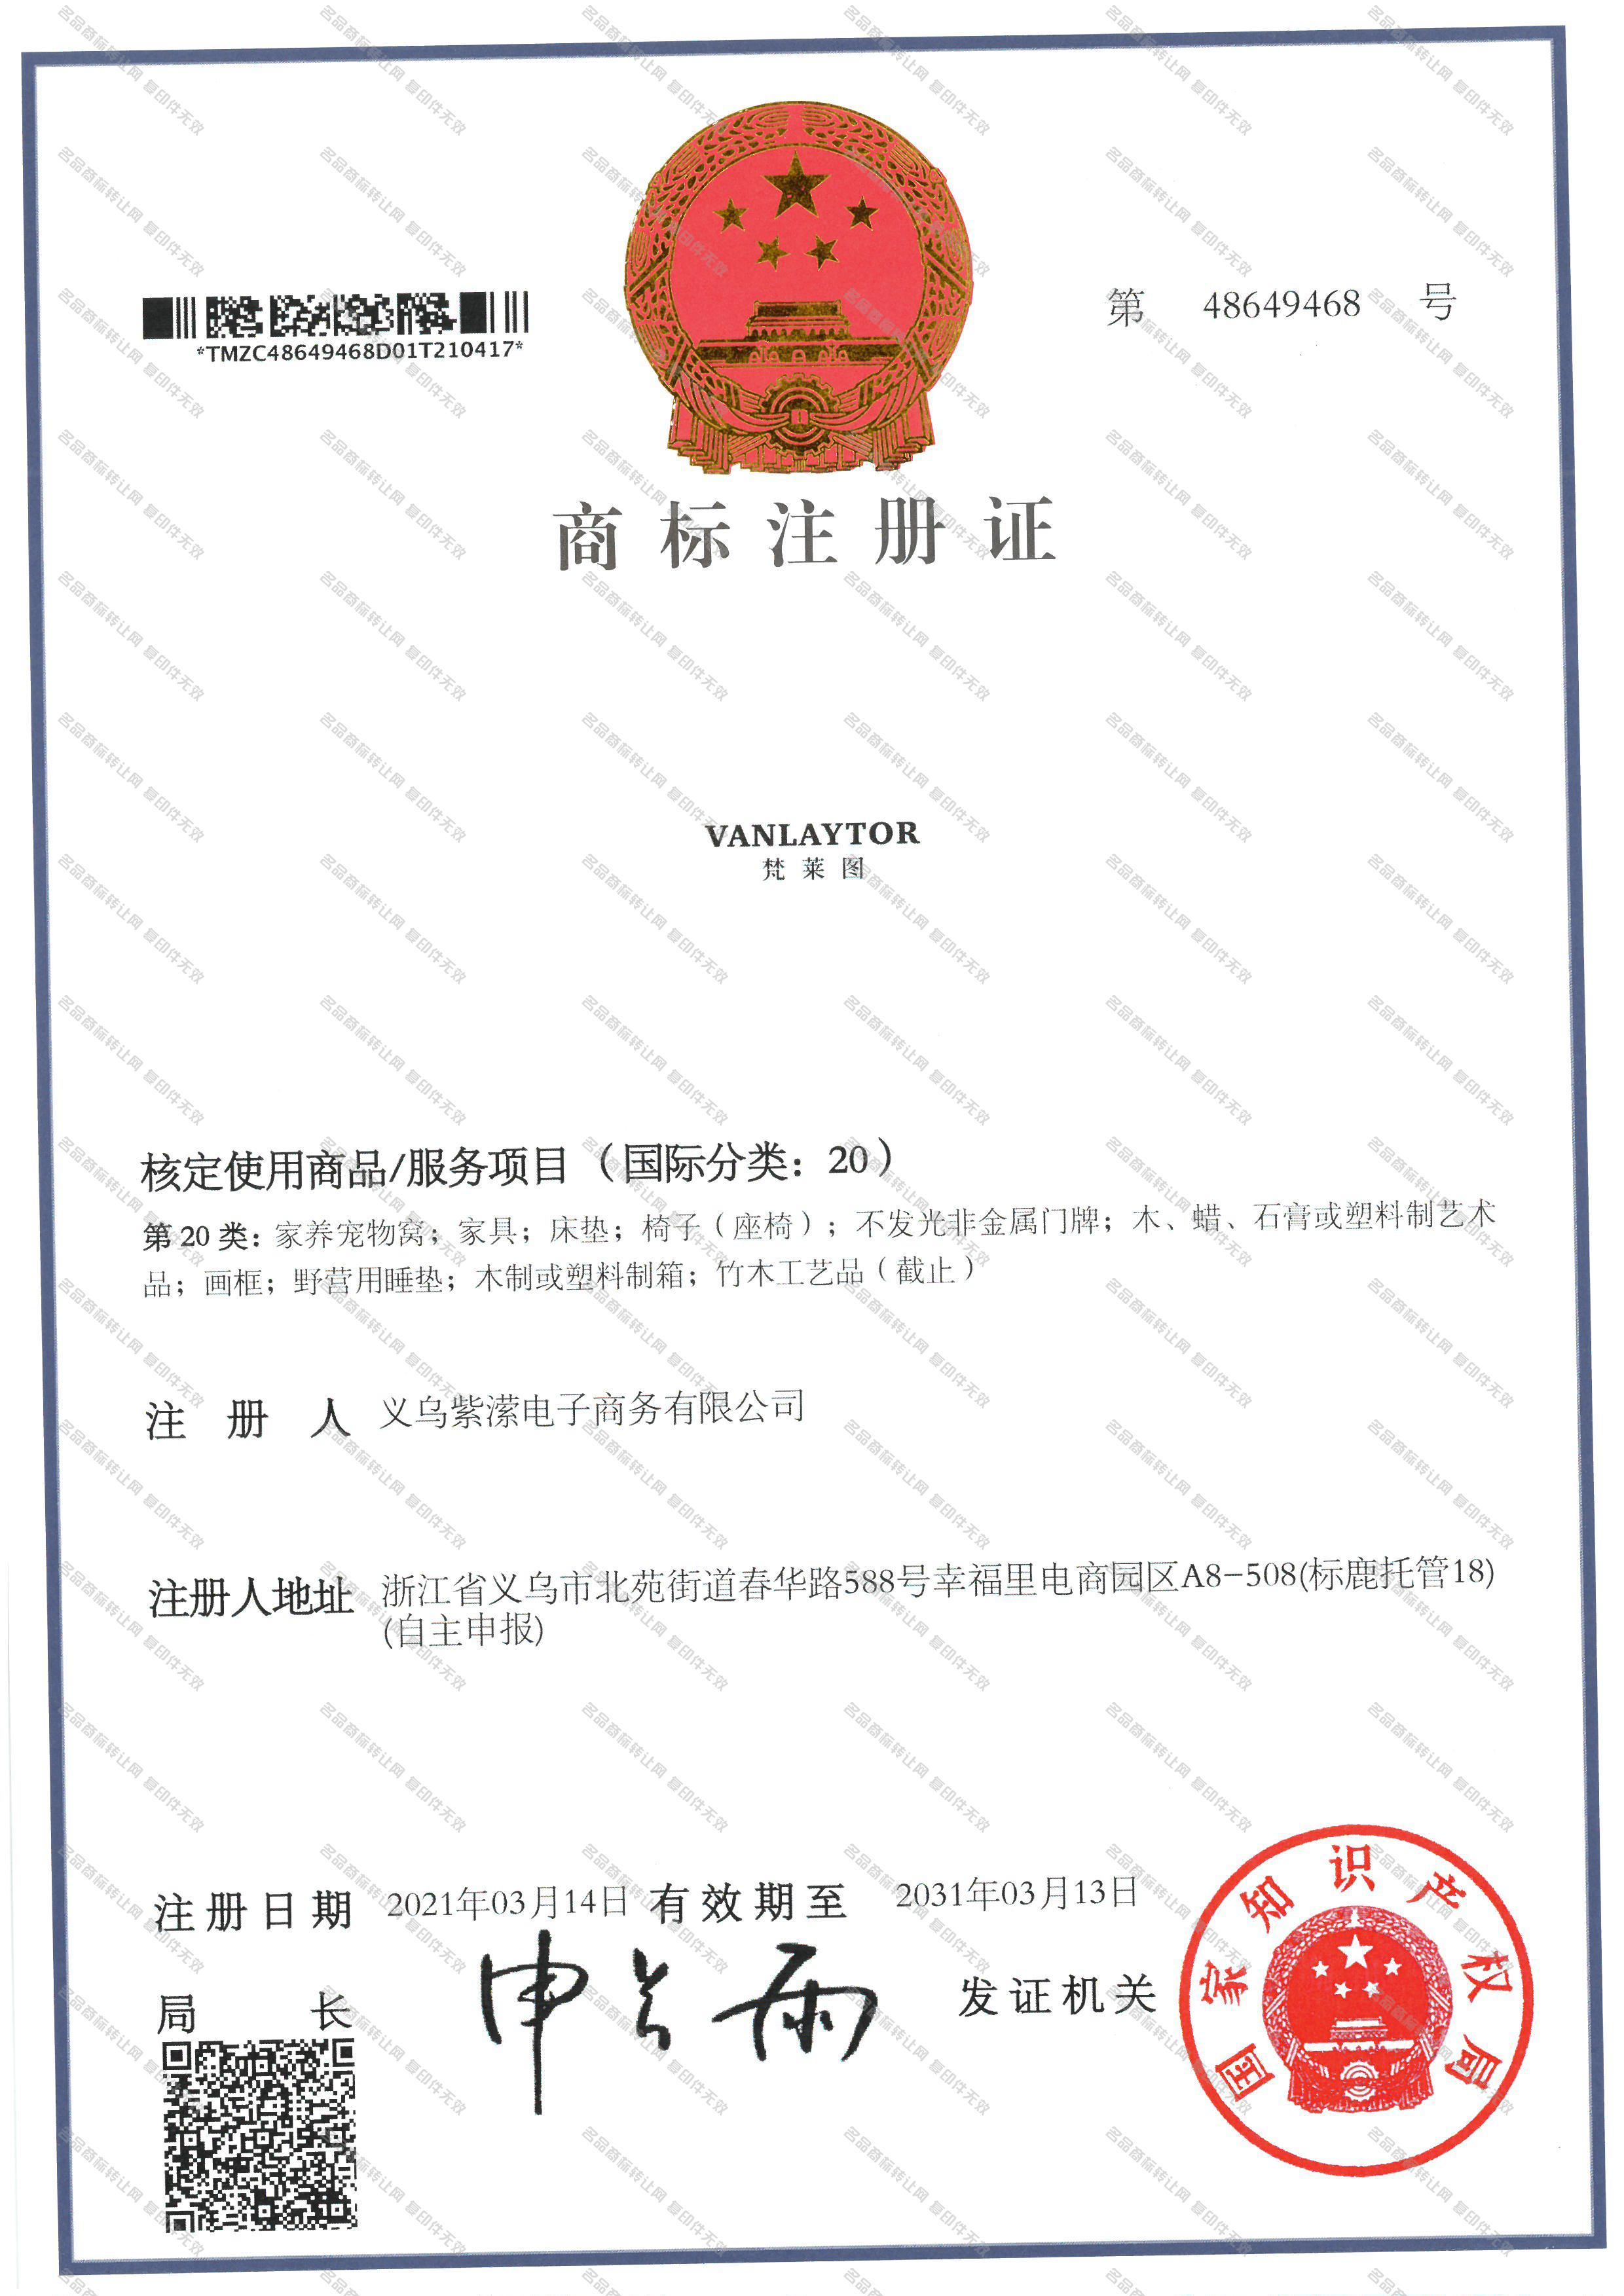 梵莱图 VANLAYTOR注册证